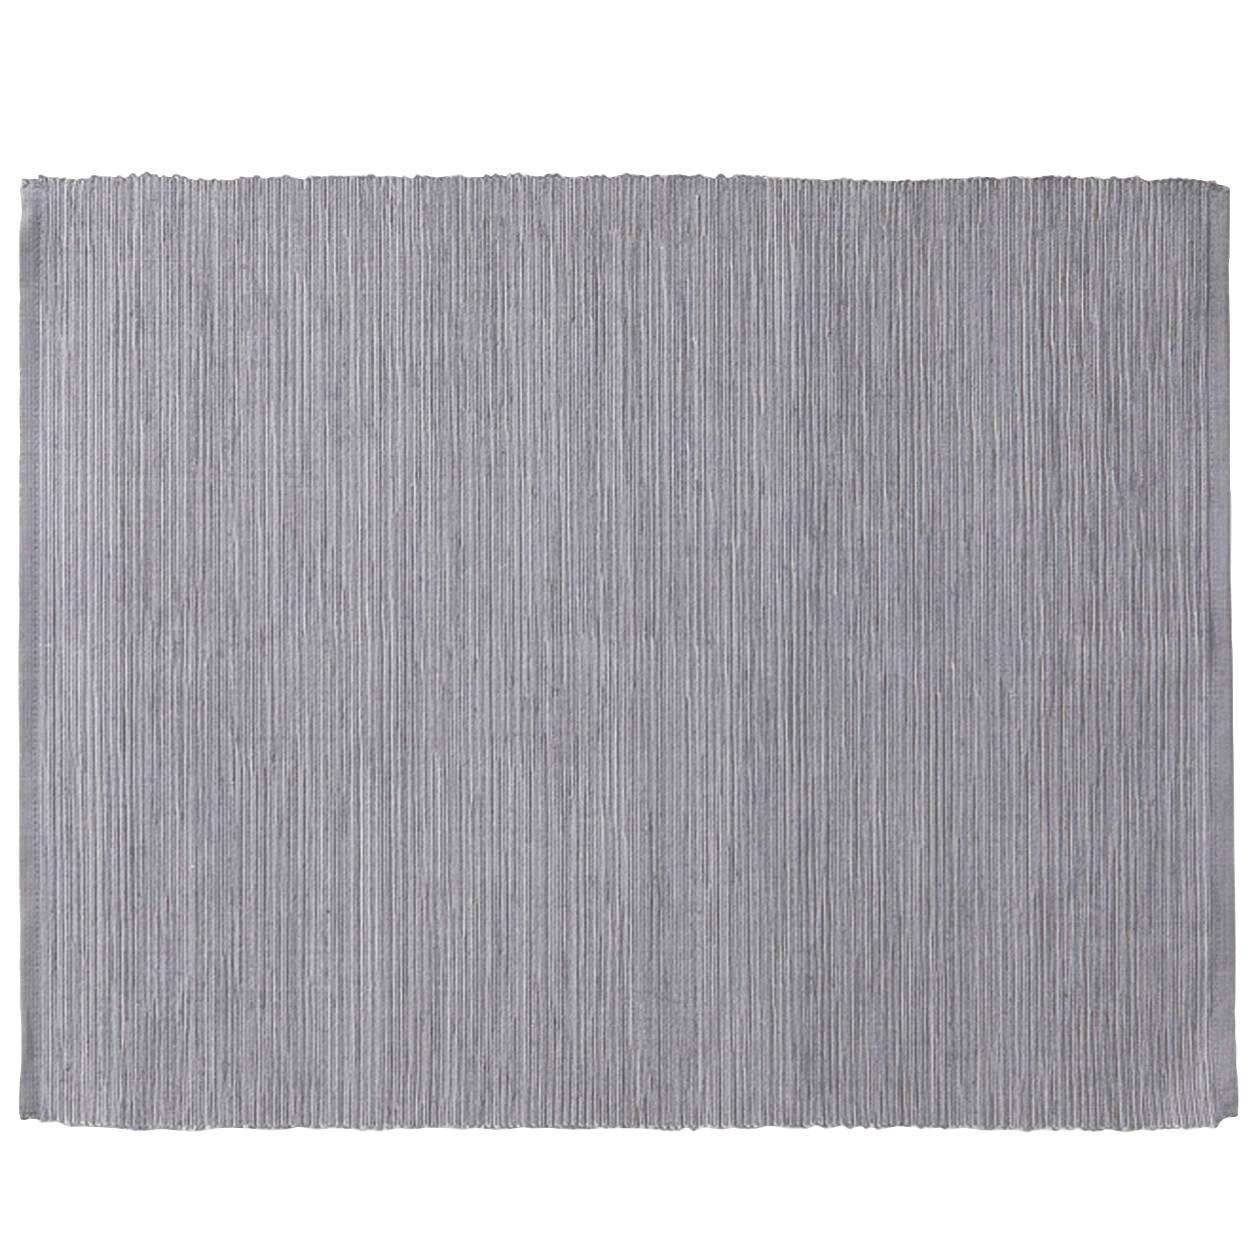 インド綿手織ランチョンマット/ライトブラウン グレー